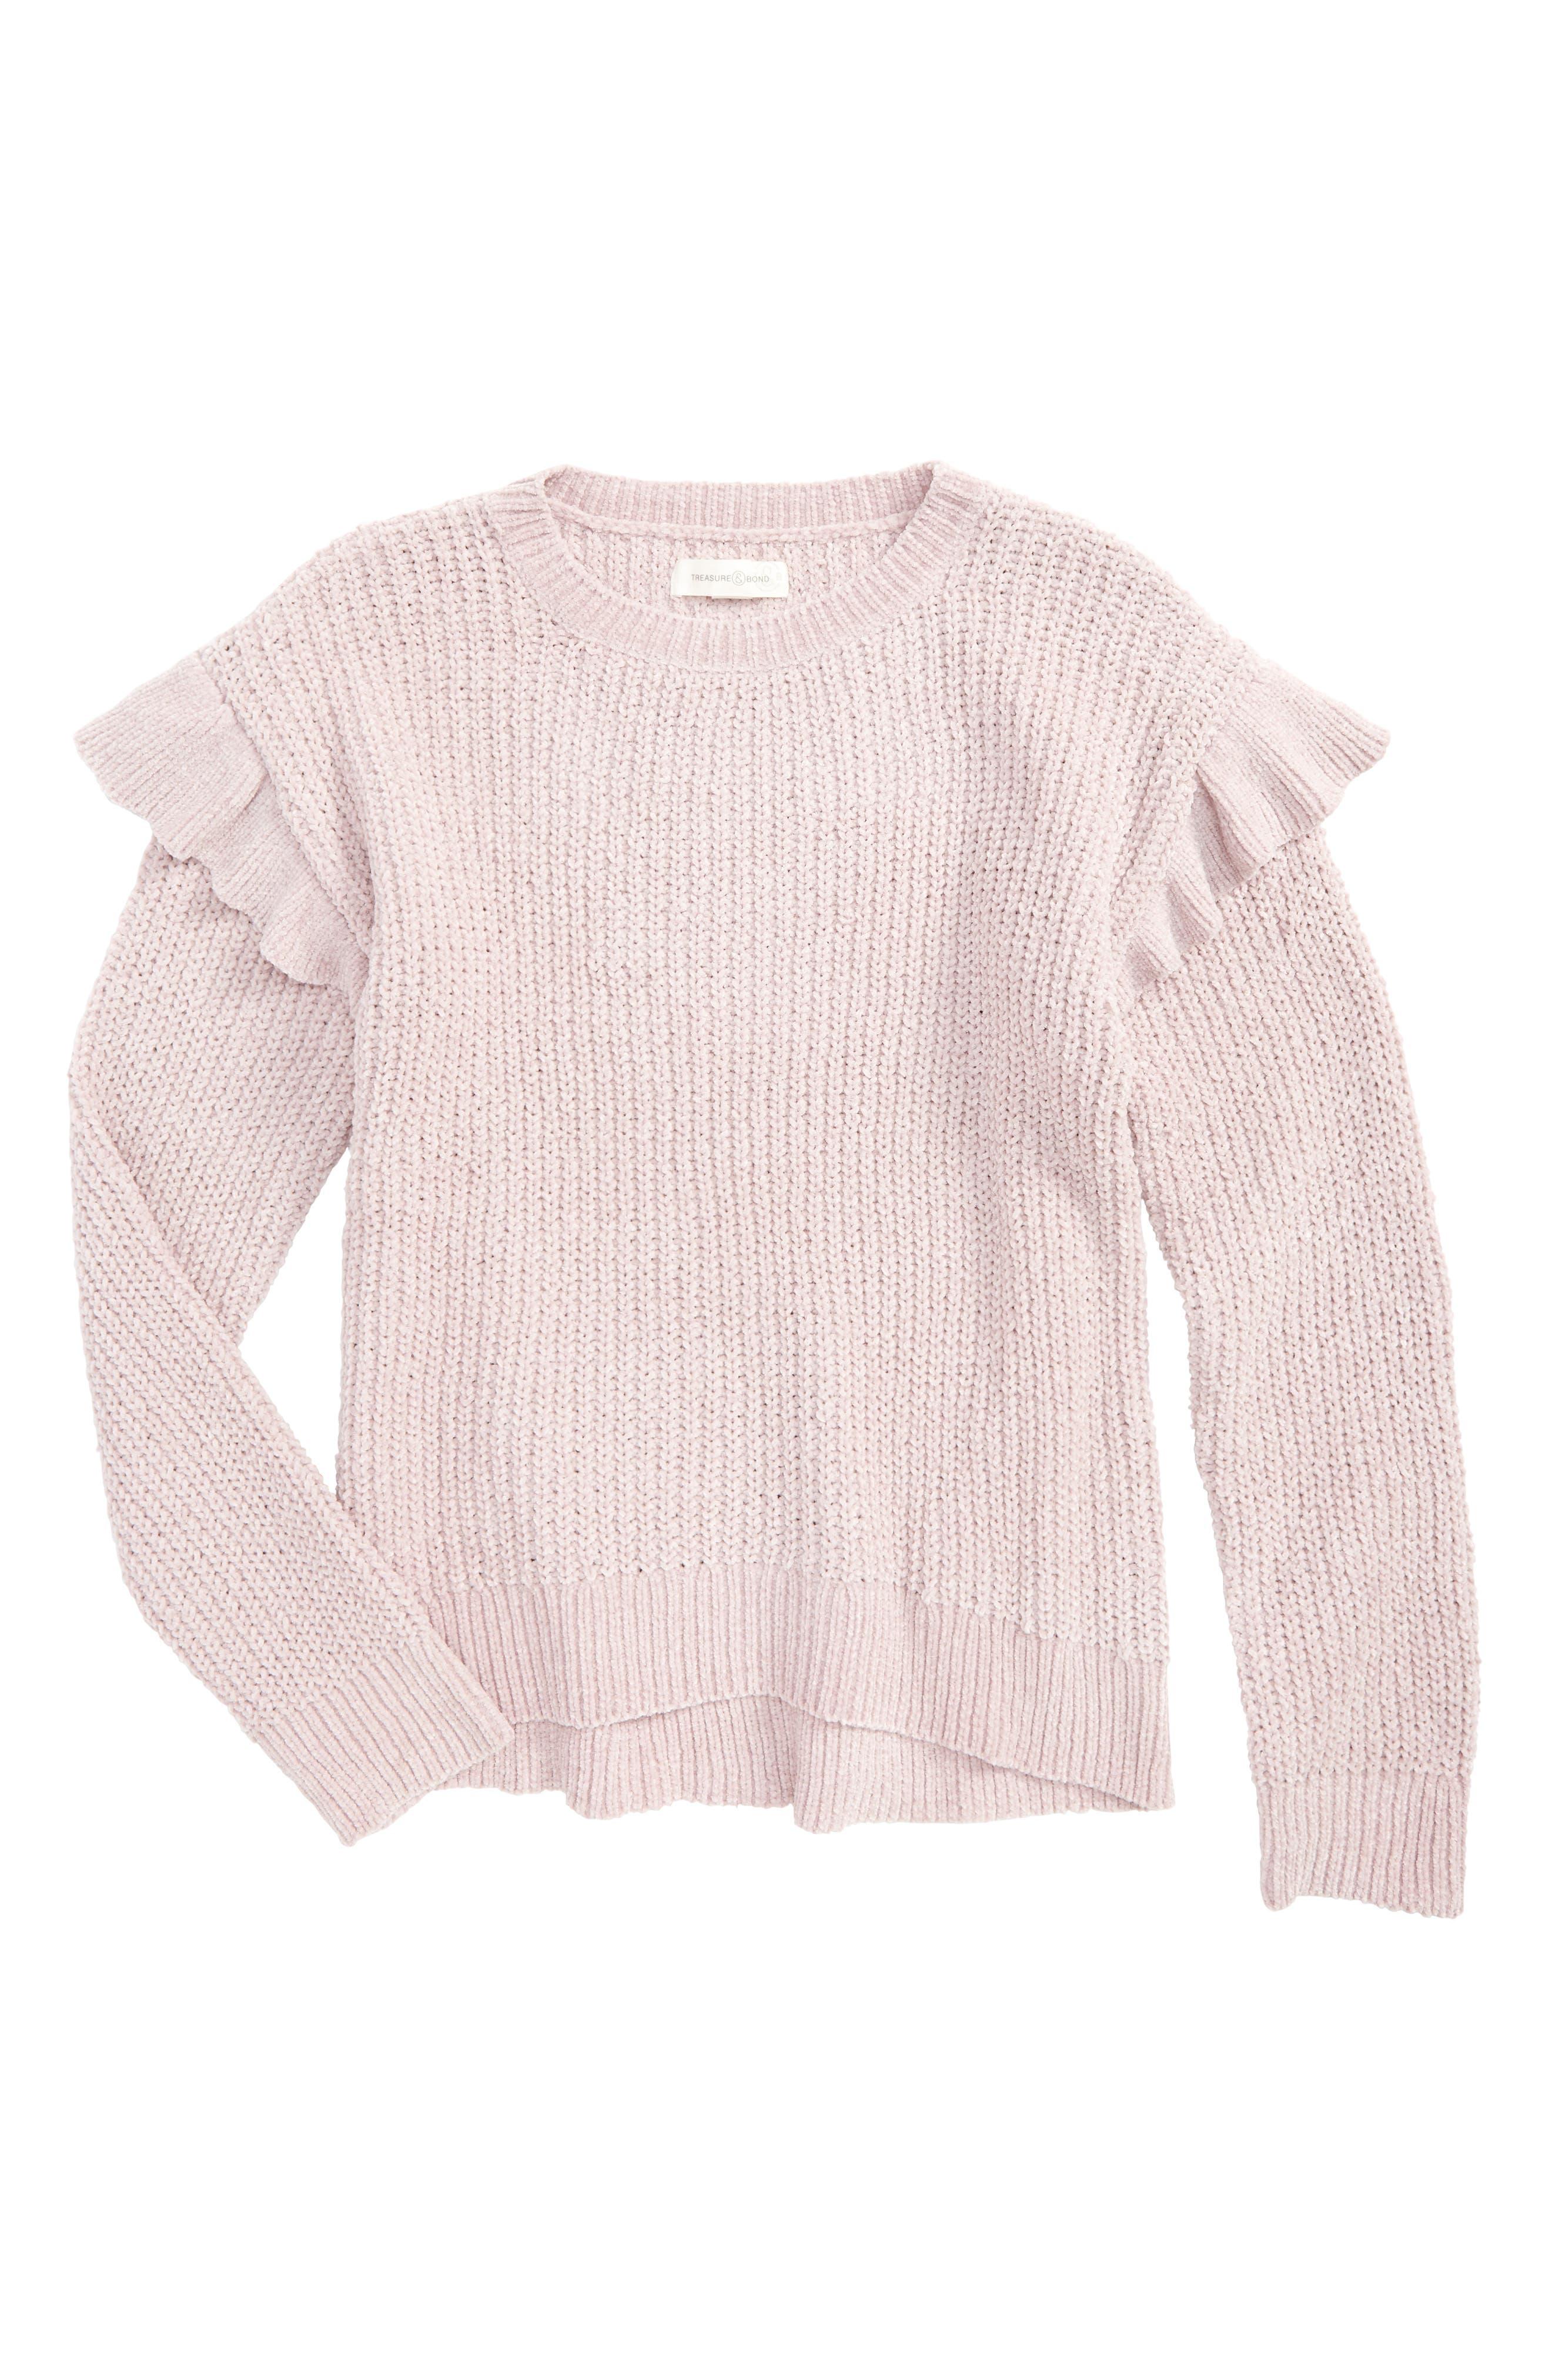 Main Image - Treasure & Bond Ruffle Sweater (Big Girls)